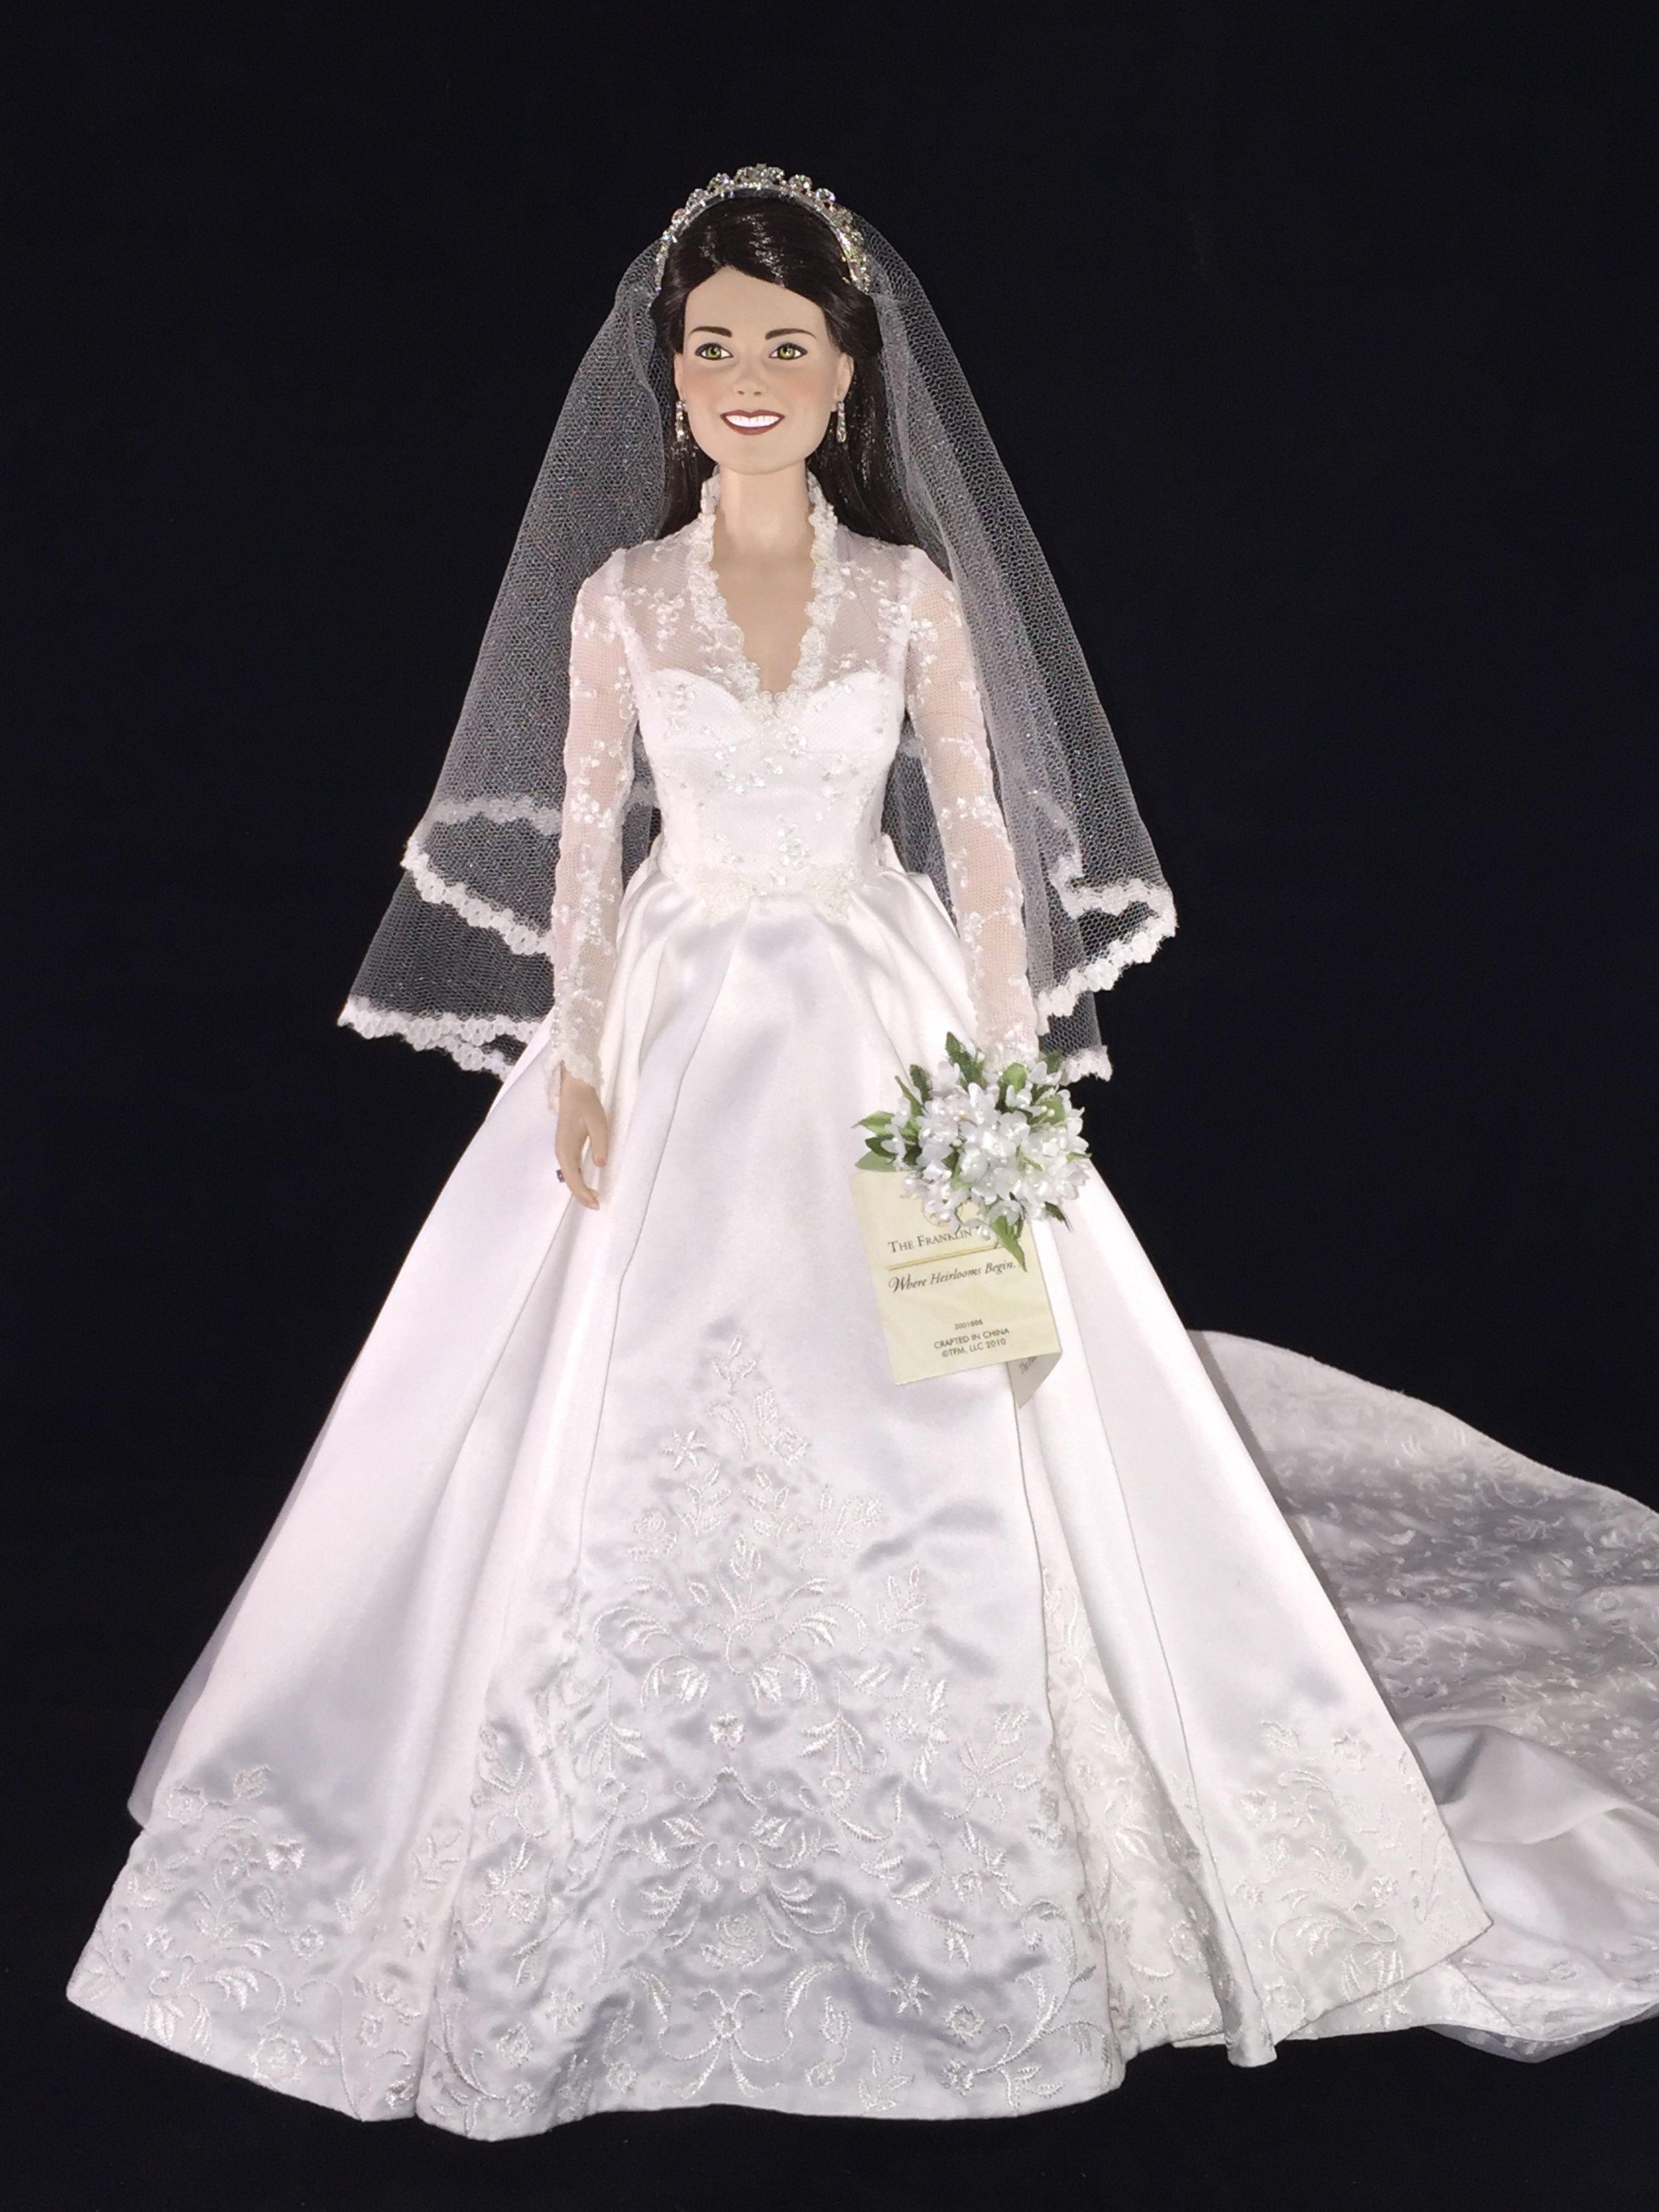 Franklin Mint Kate Middleton Bridal Doll Kates Dress Was Designed By Sarah Burton Of Alexander